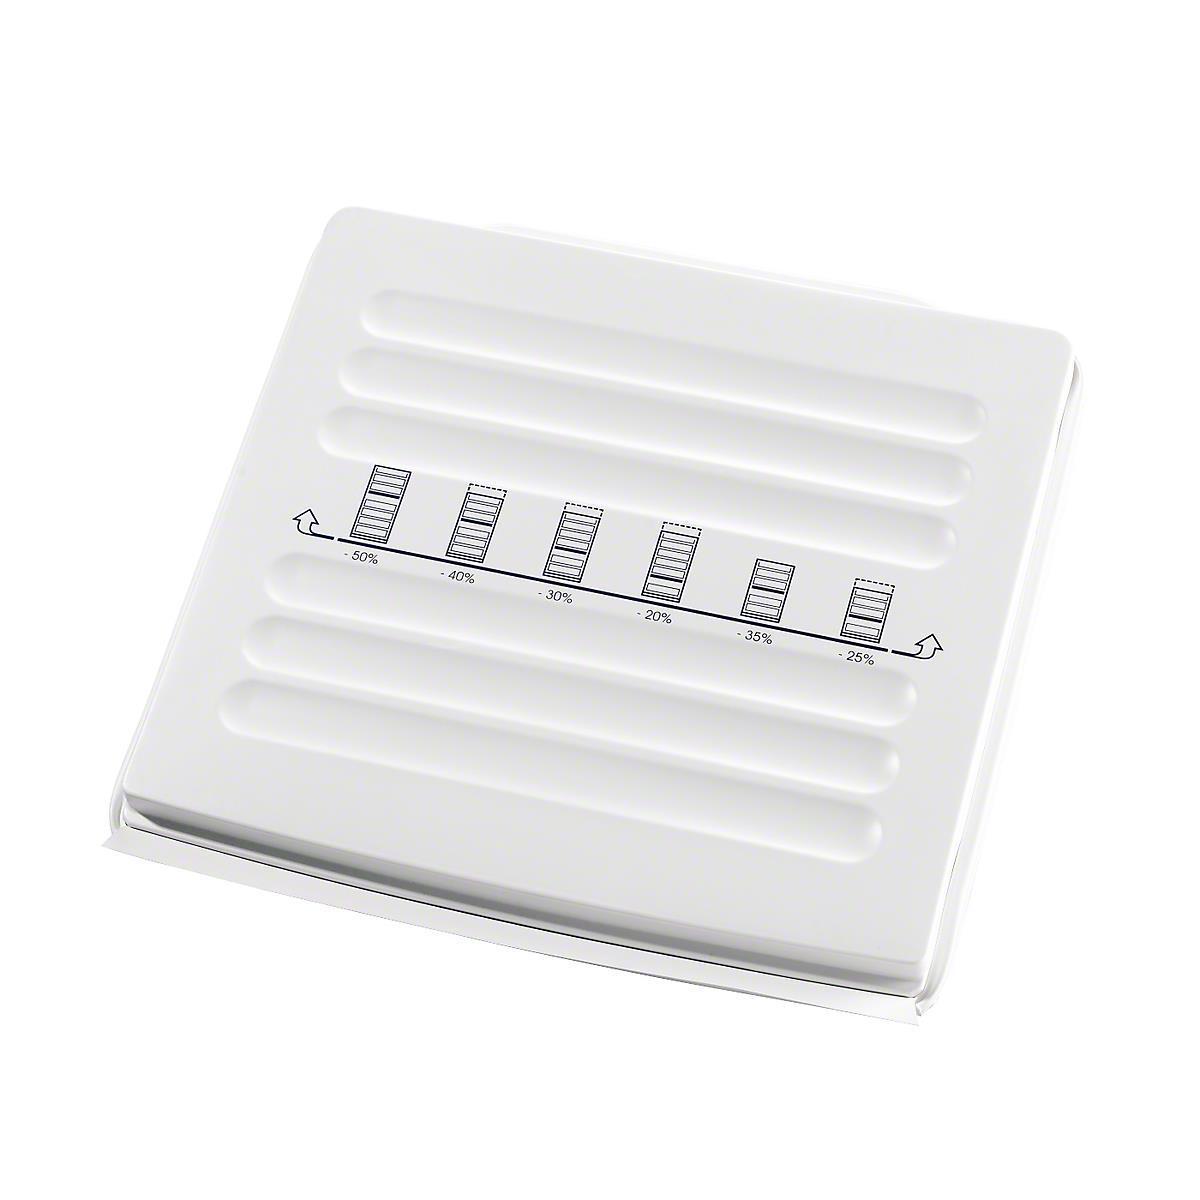 IP 600 Isolationsplatte für Gefrierschrä